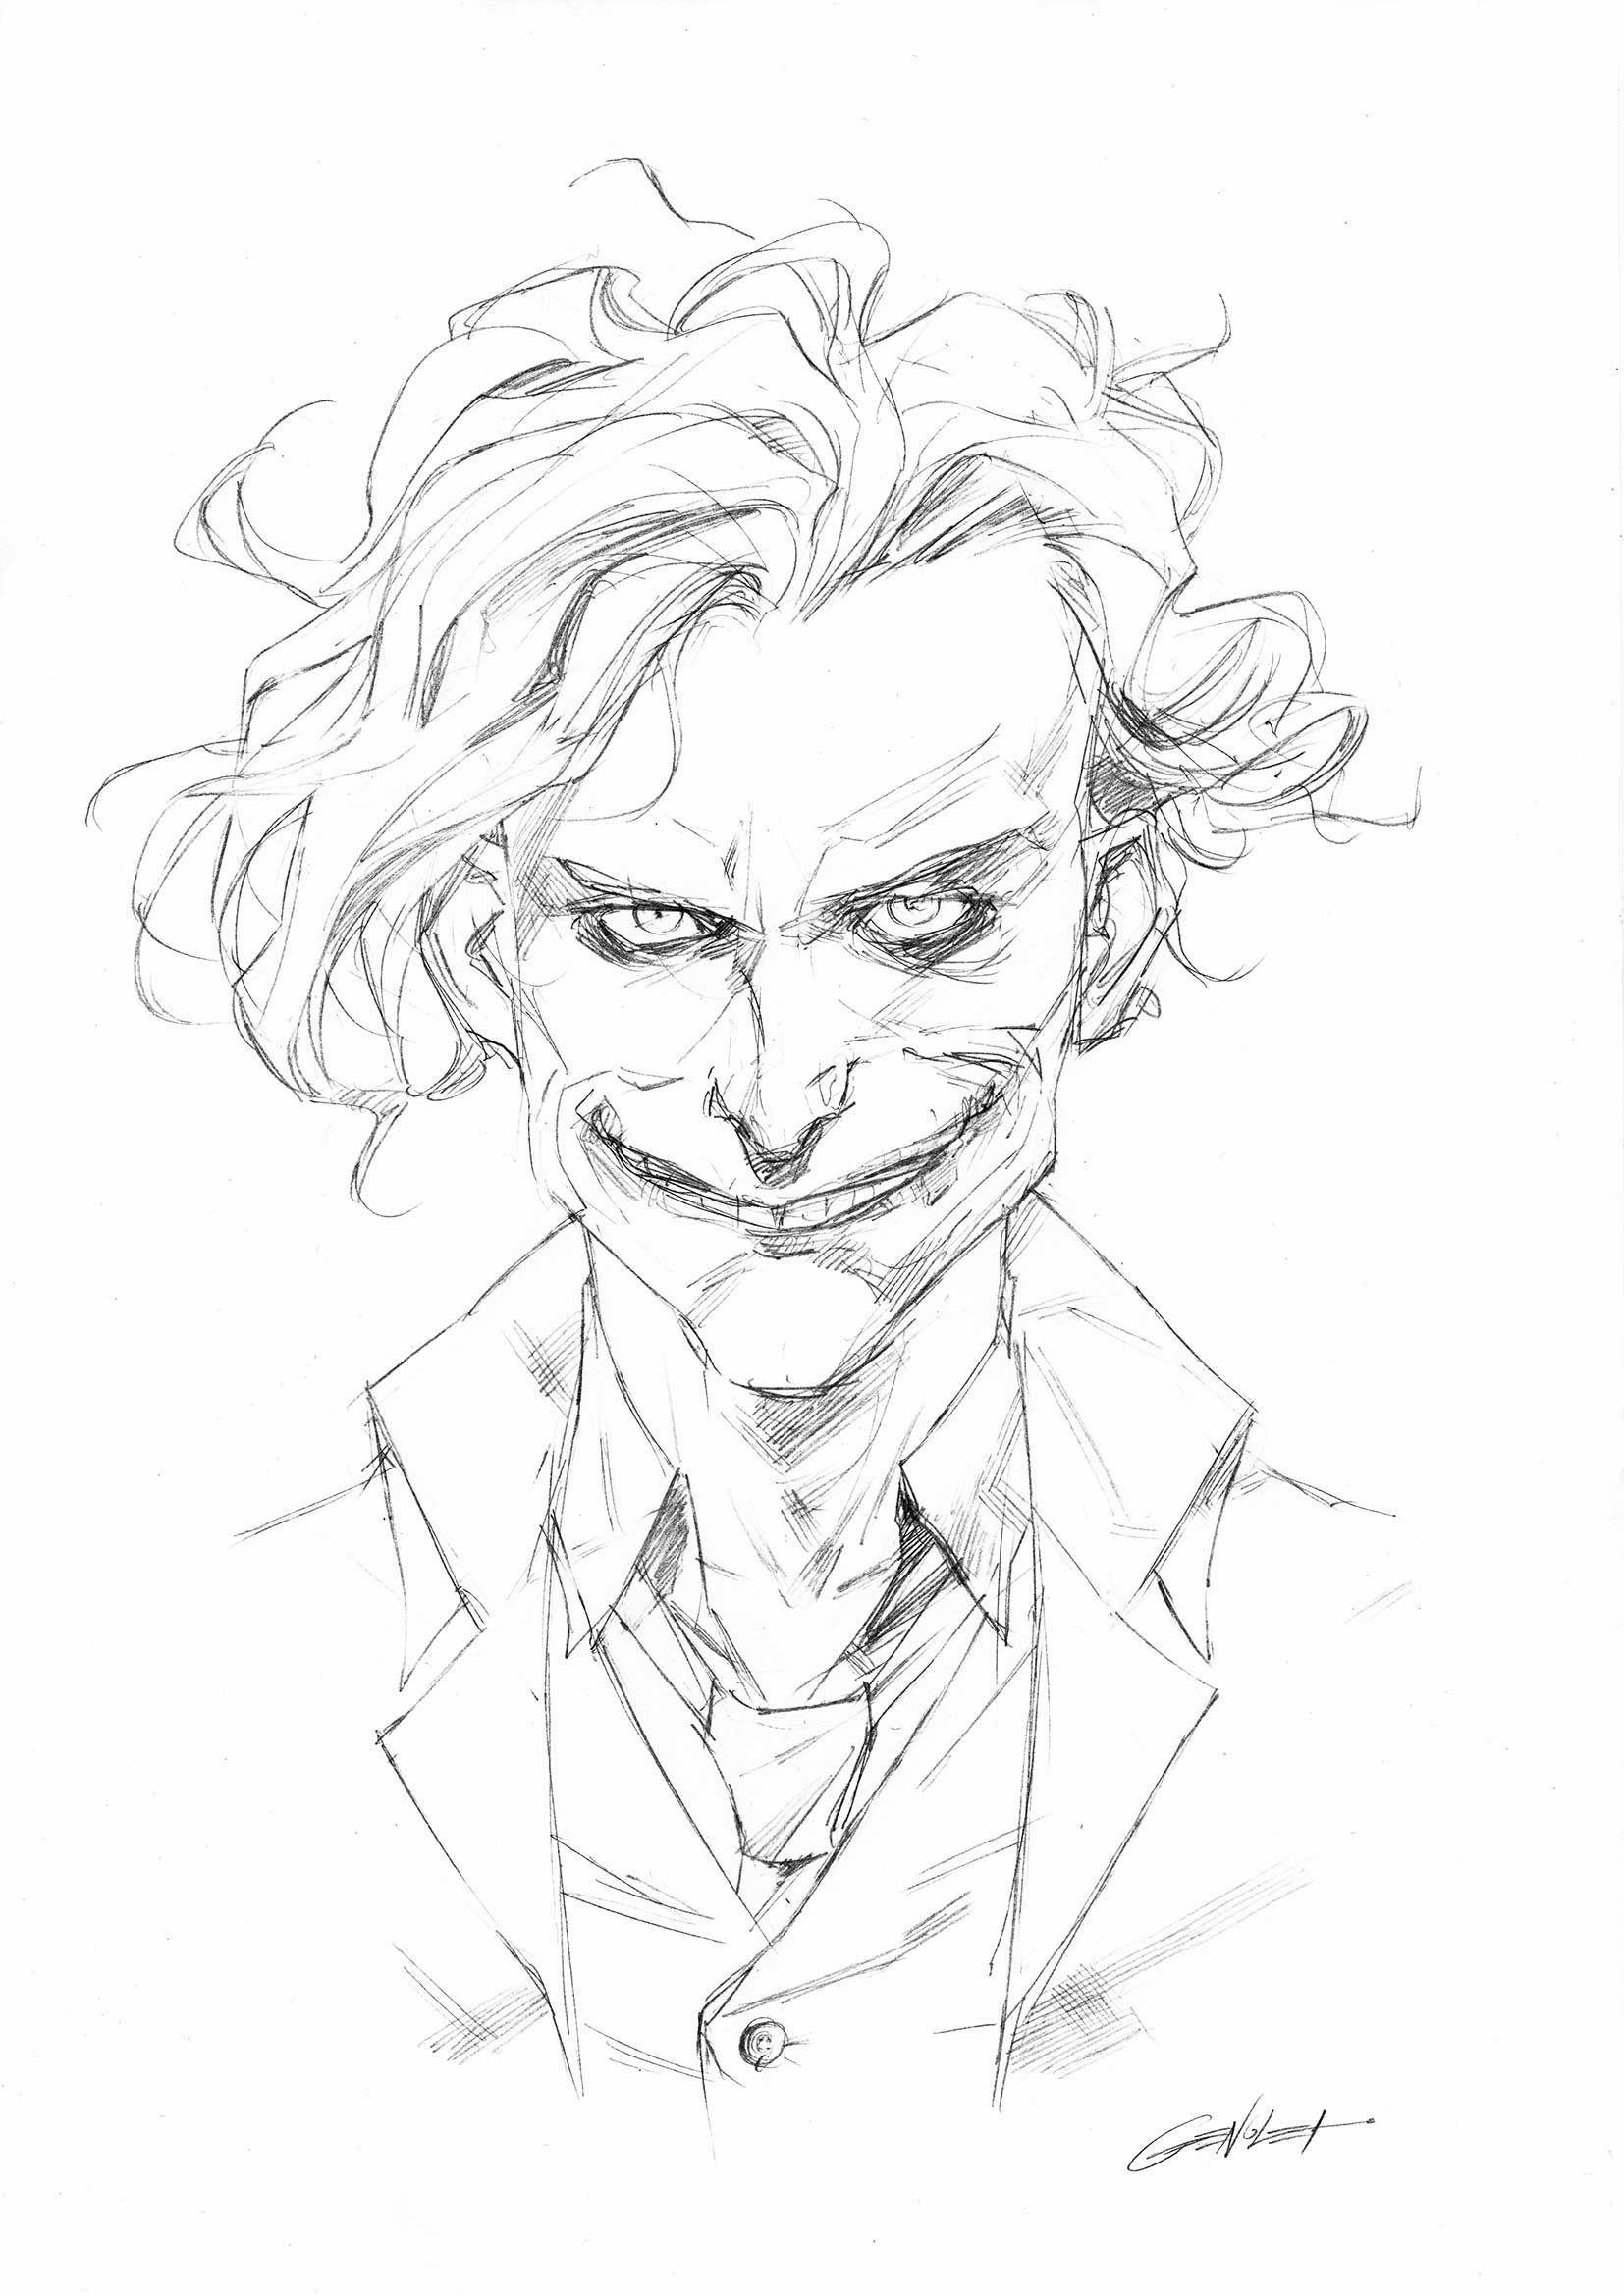 The Joker Sketch Lapiz Dibujos Comprar Arte Original